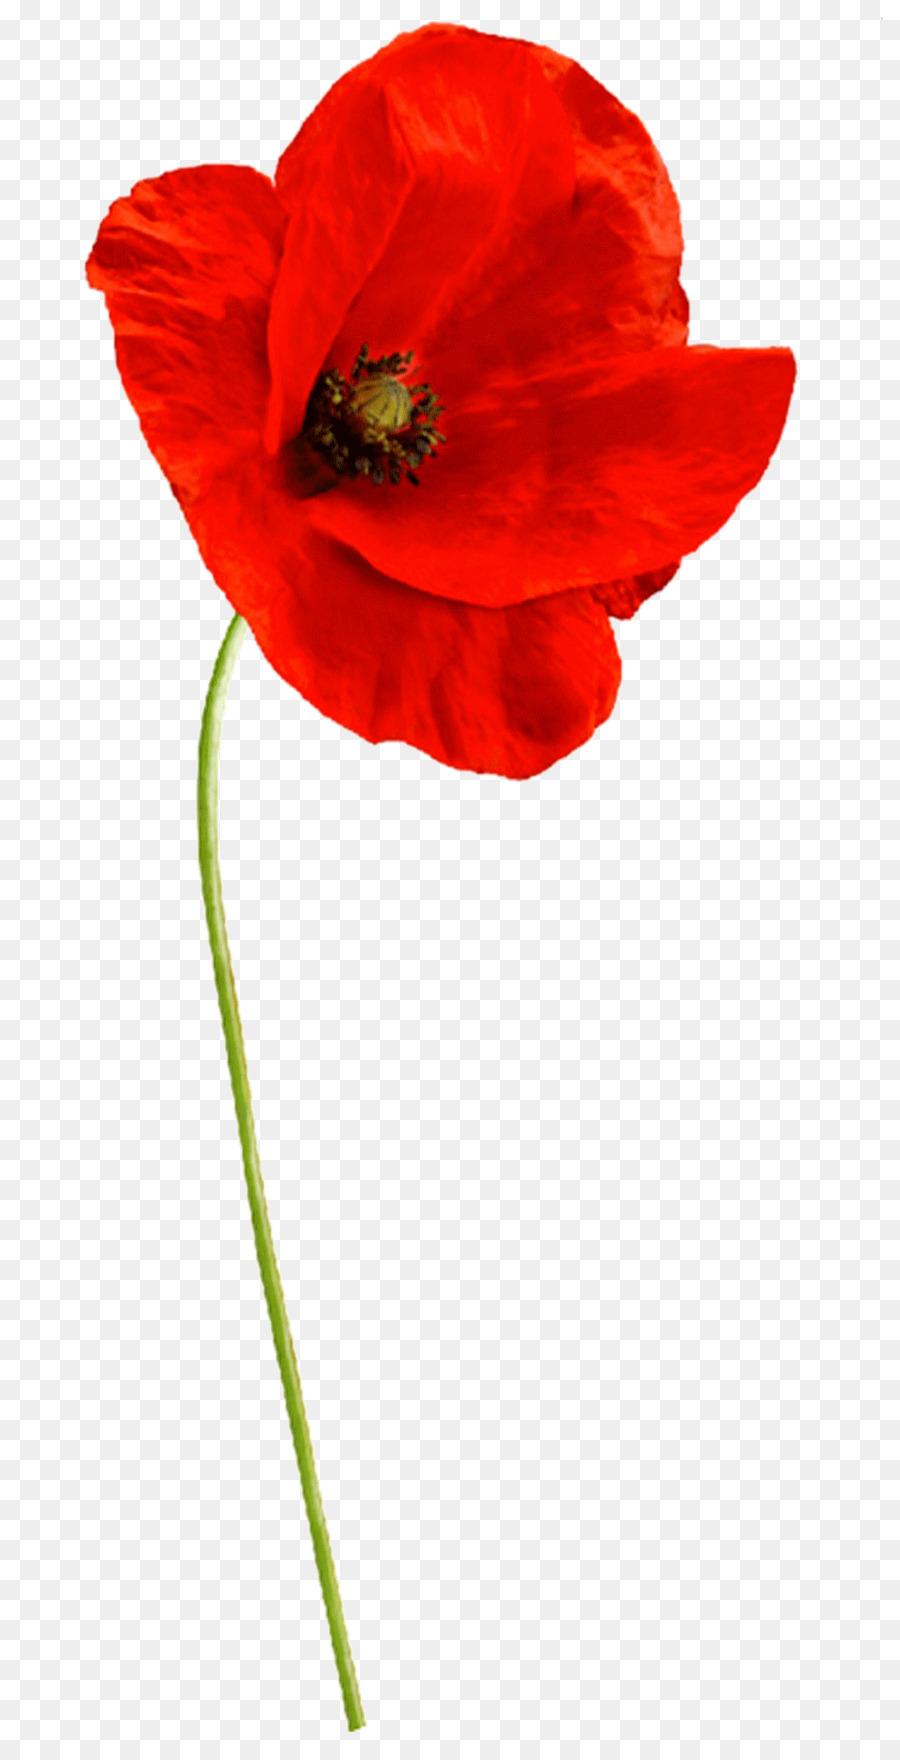 Common poppy flower garden roses sticker plant stem flower png common poppy flower garden roses sticker plant stem flower mightylinksfo